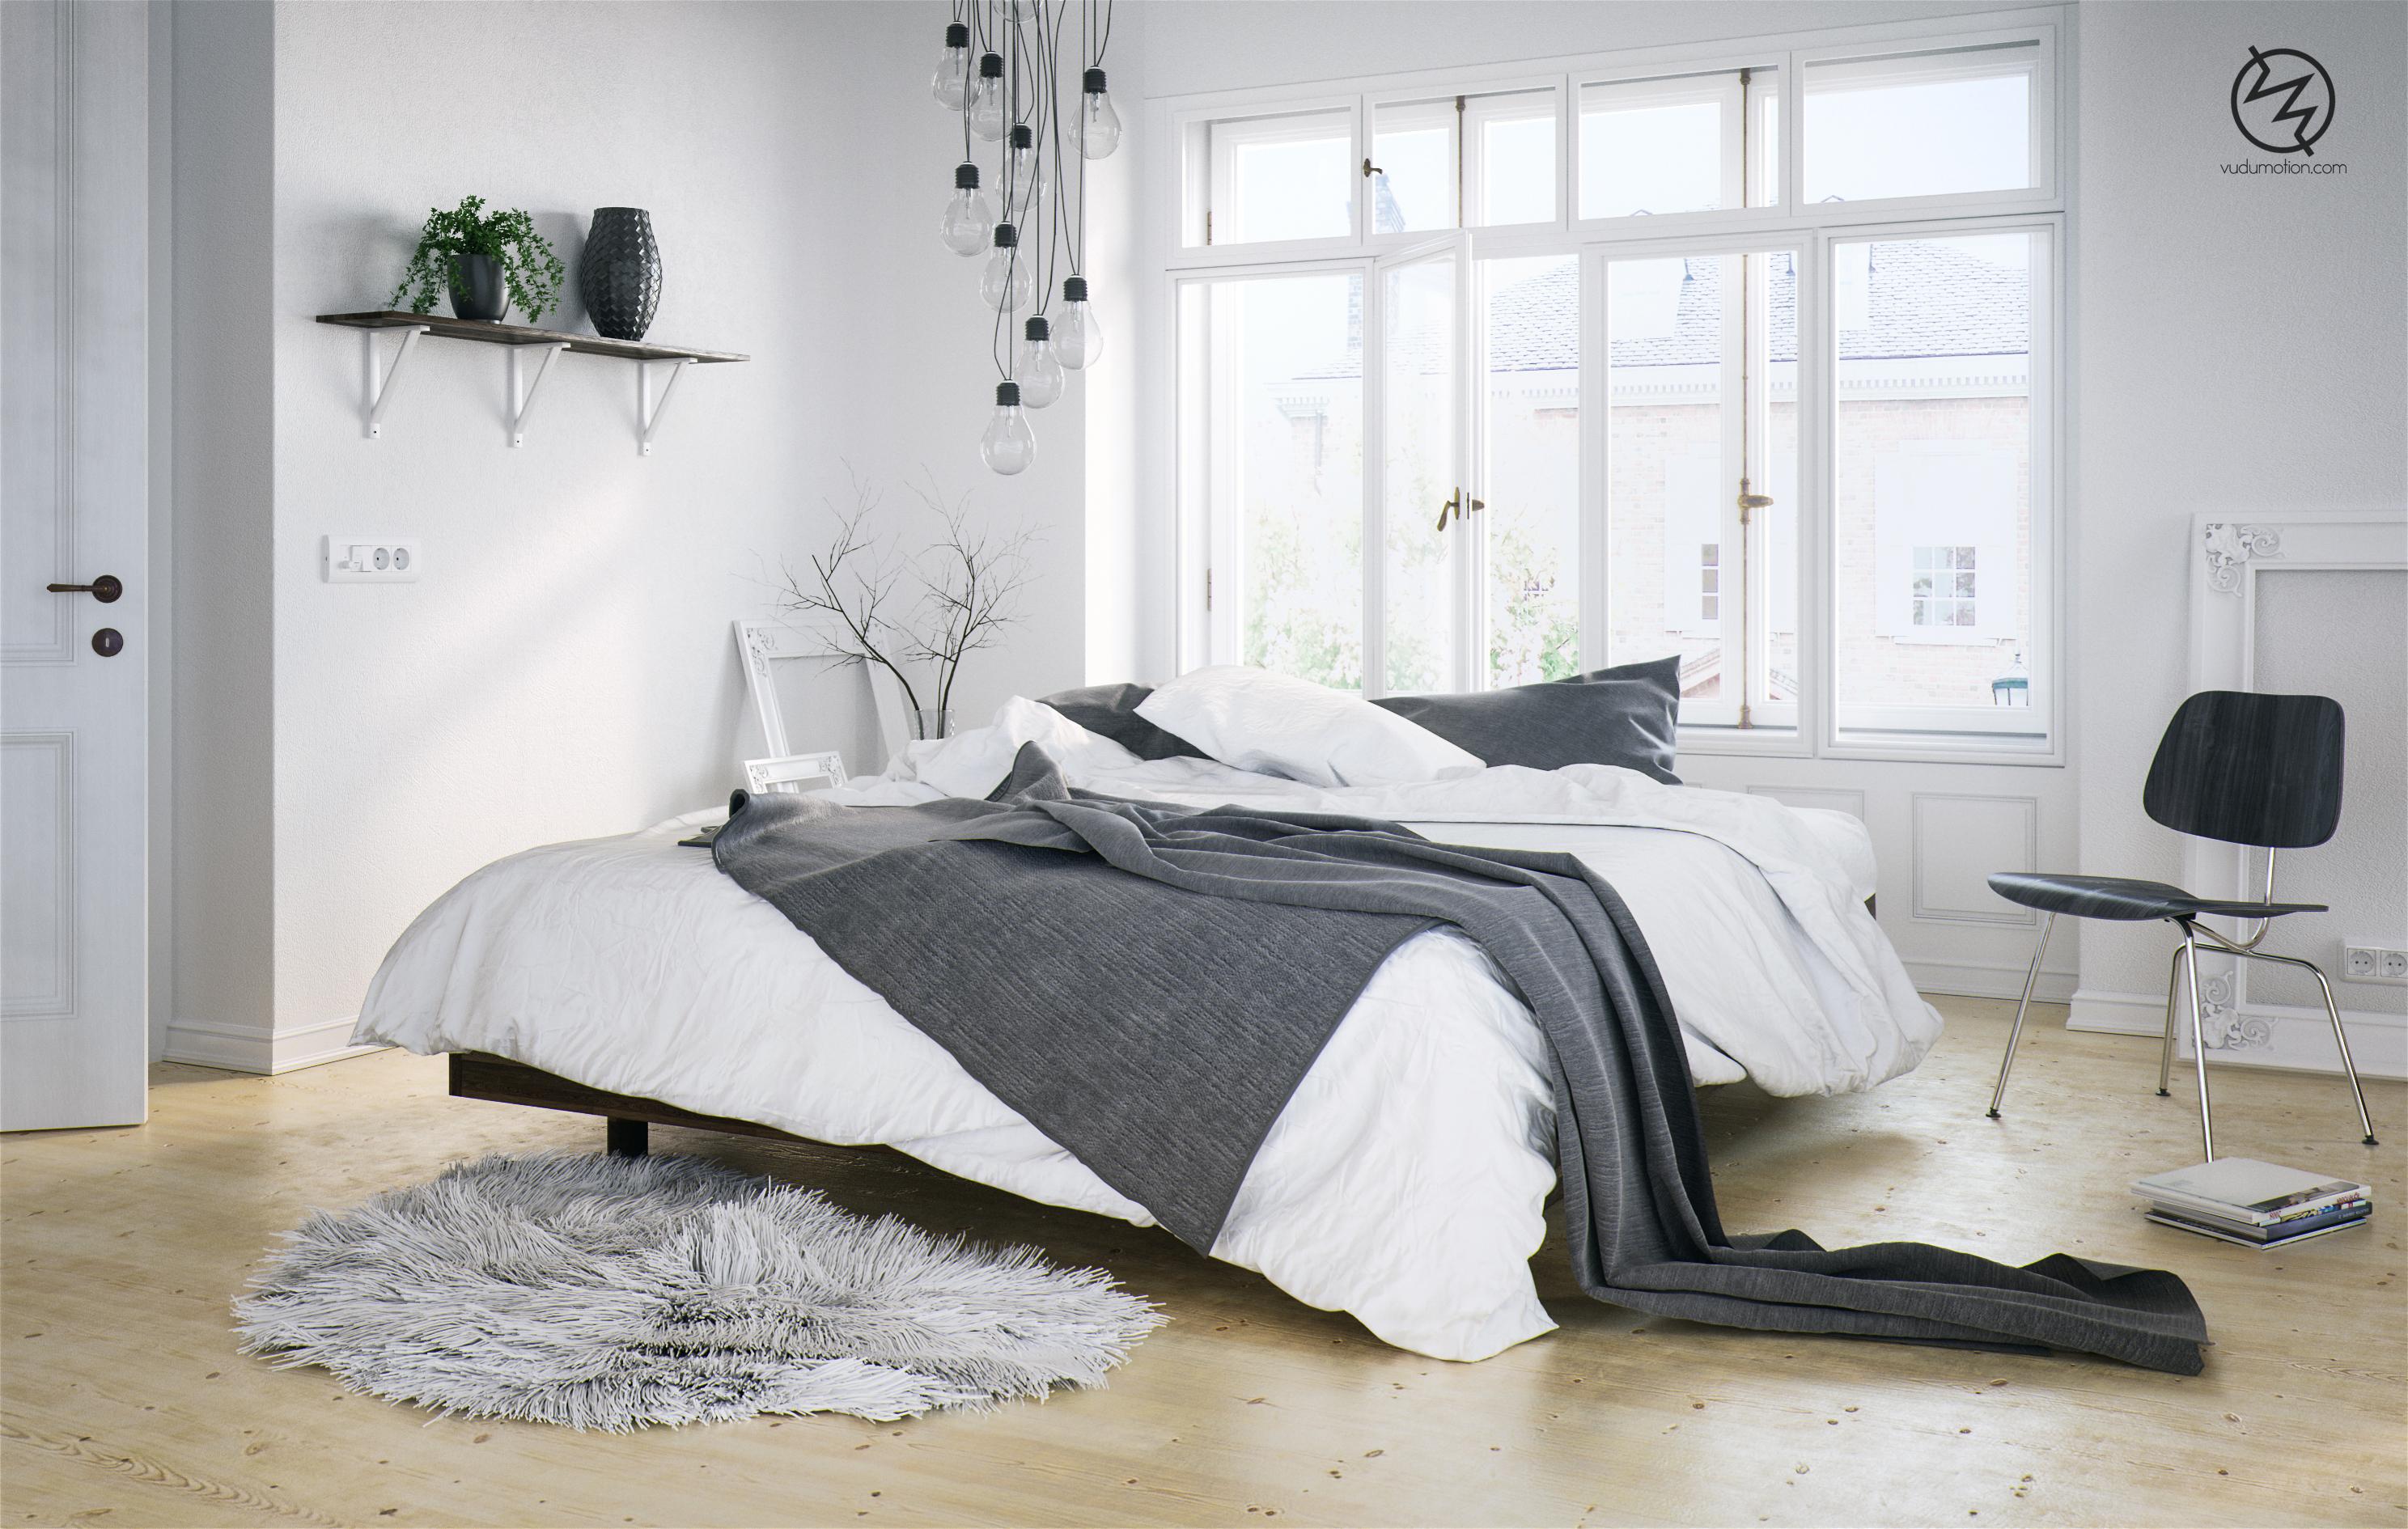 Scandinavian Bedroom By Vudumotion On Deviantart